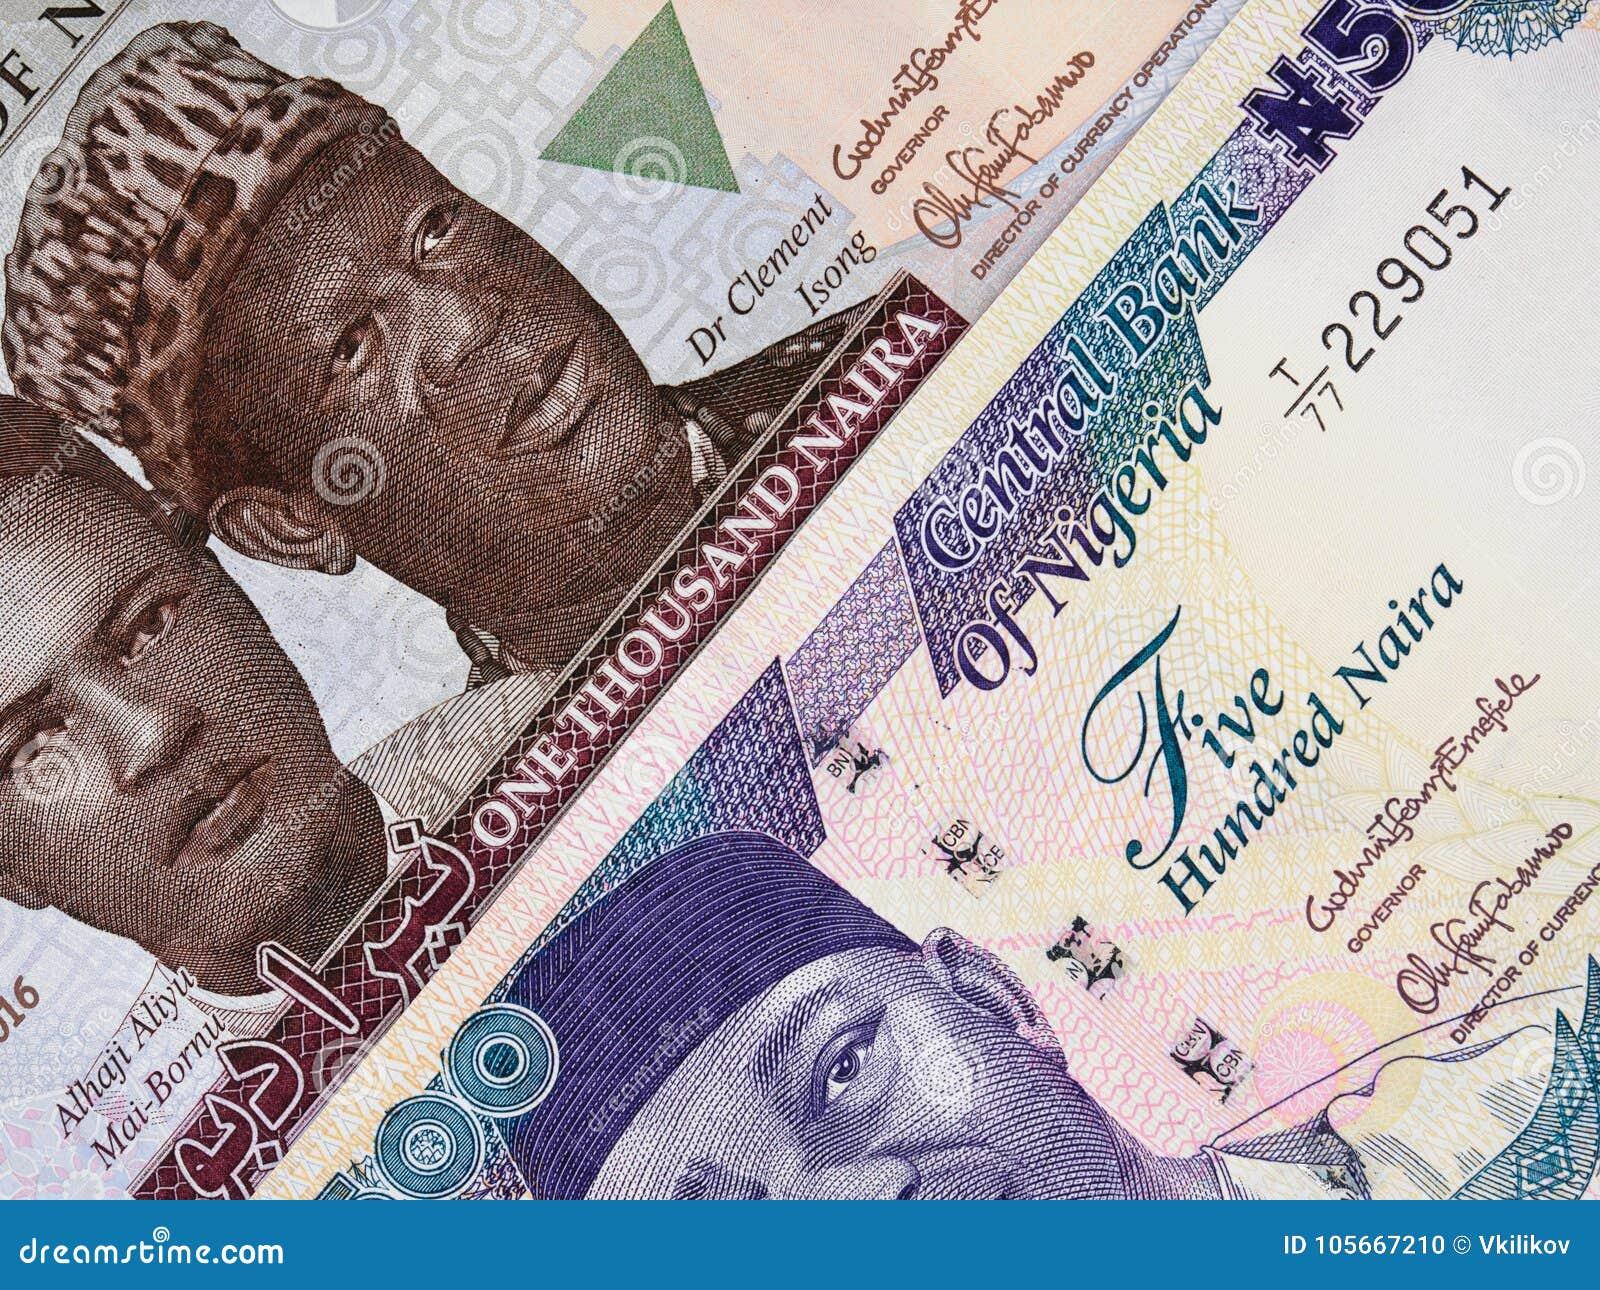 Cédulas centrais do naira nigeriano da moeda, dinheiro de Nigéria